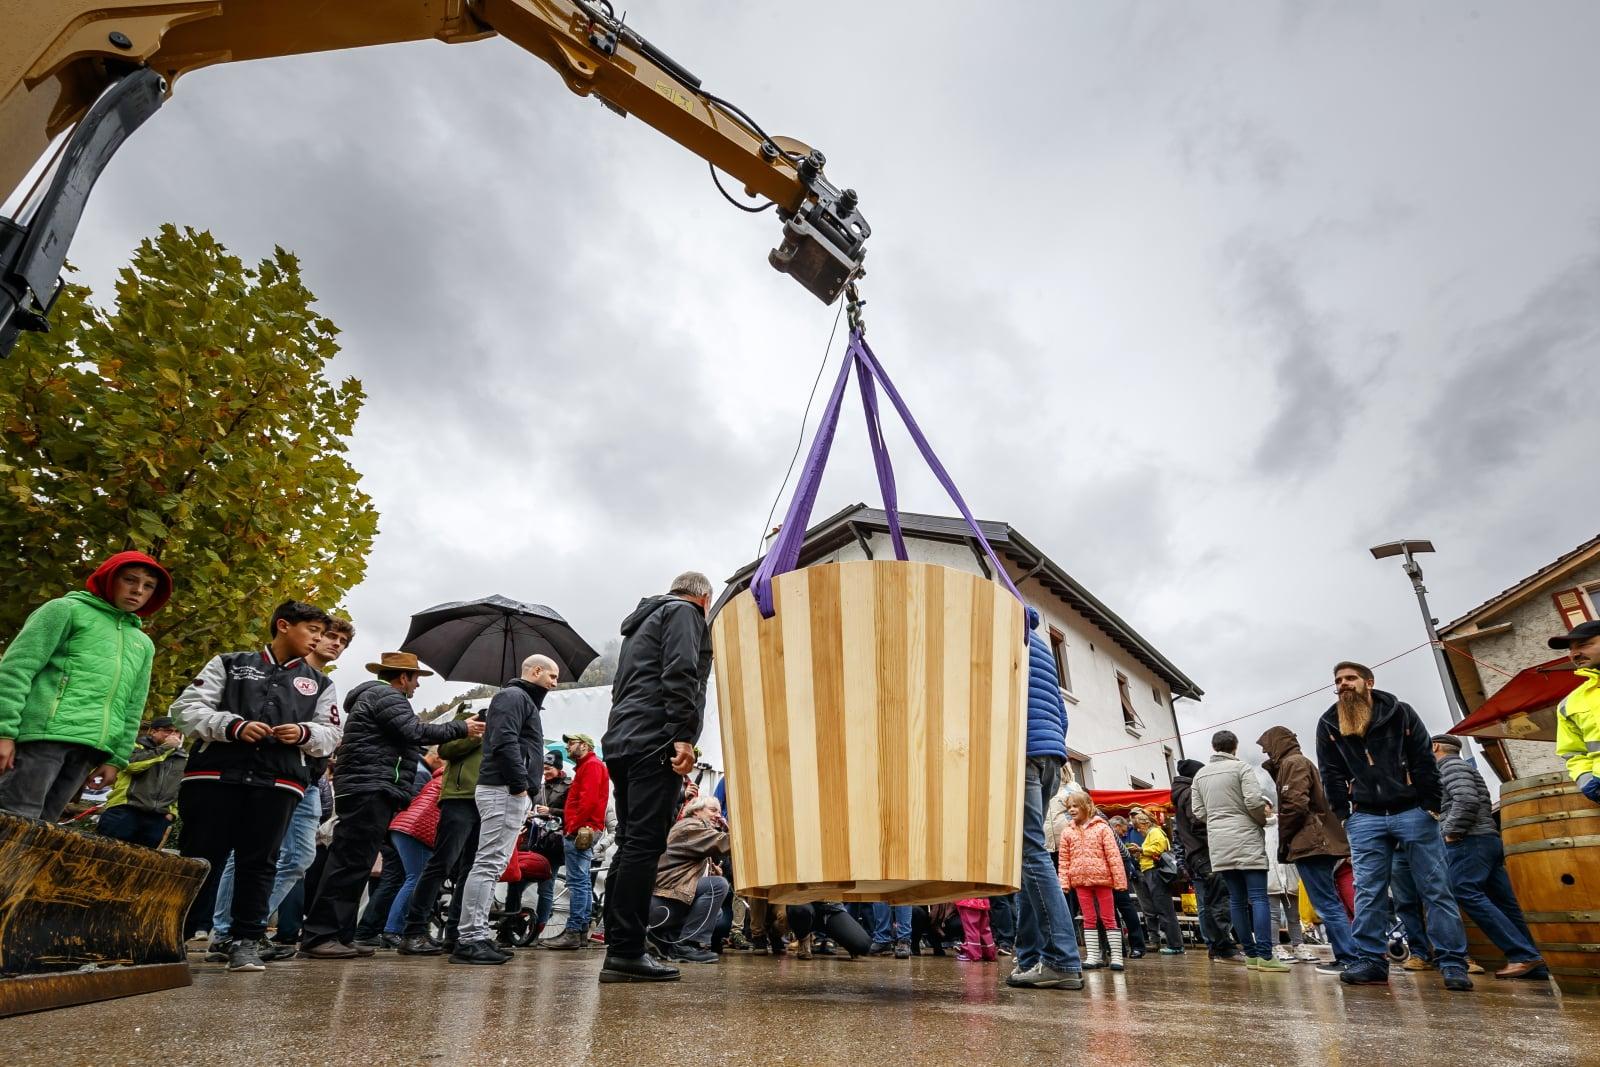 Festiwal jabłek we Francji, podczas którego pobito rekord Guinnessa w największej misce soku jabłkowego, która ważyła 390 kg, fot. EPA/VALENTIN FLAURAUD